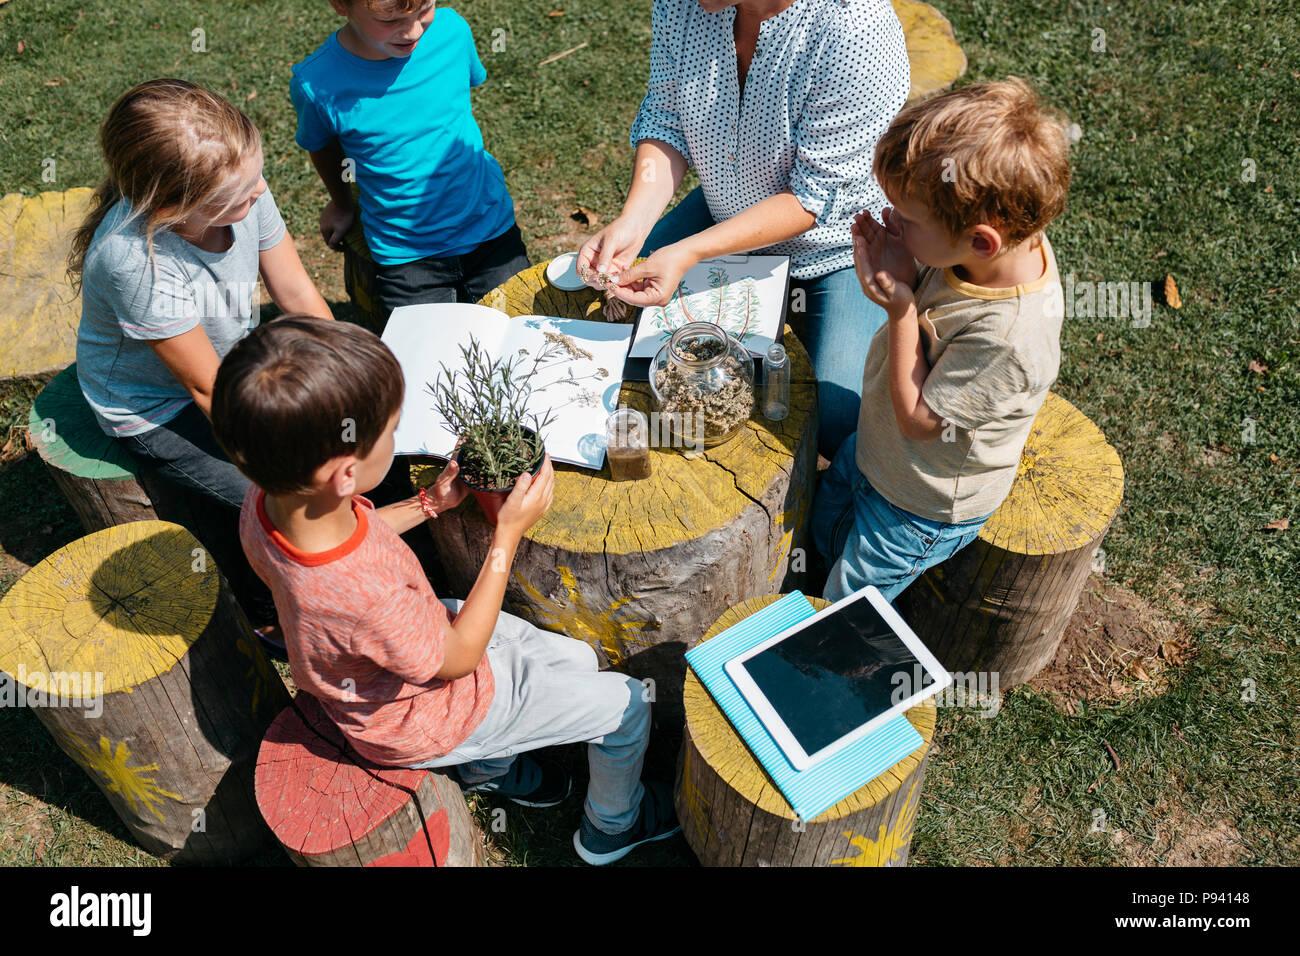 Les jeunes élèves du primaire à la découverte des herbes à travers leurs sens dans un jardin. Vue de dessus de l'école des enfants assis autour d'une table et d'apprentissage sur les plantes. Photo Stock